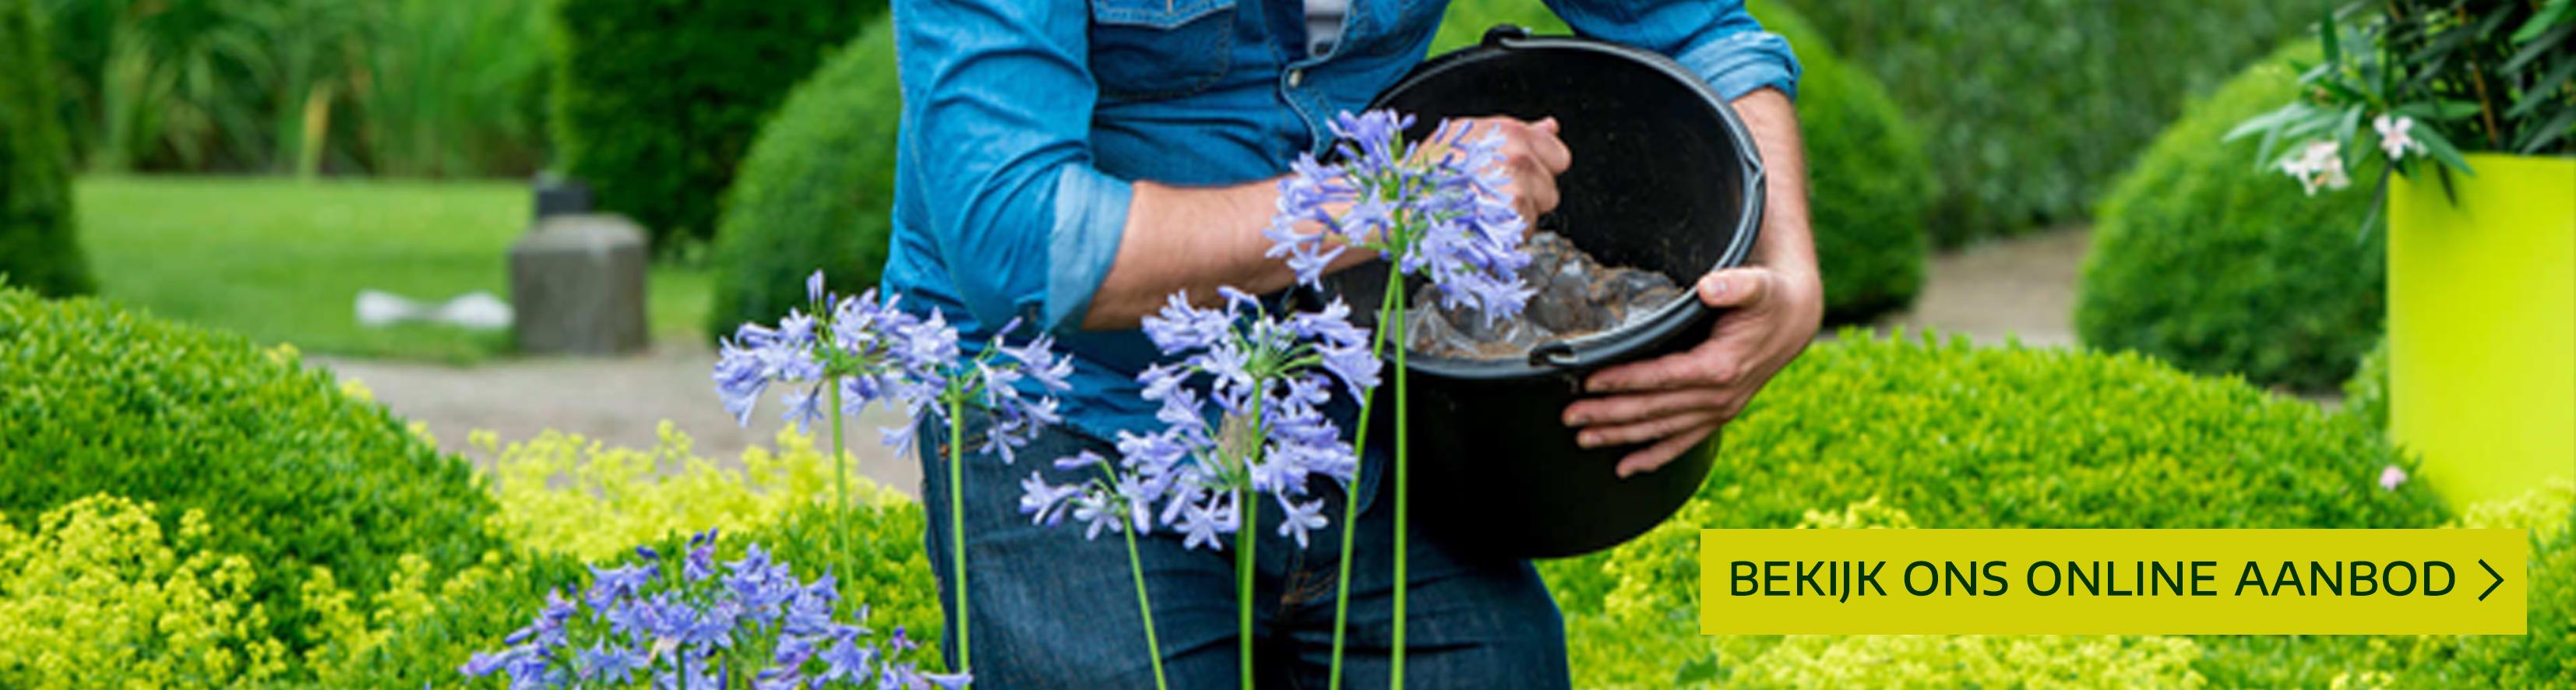 Artikelaanbod gazon bescherming en onderhoud leuven mechelen heist-op-den-berg tuincentrum thiels